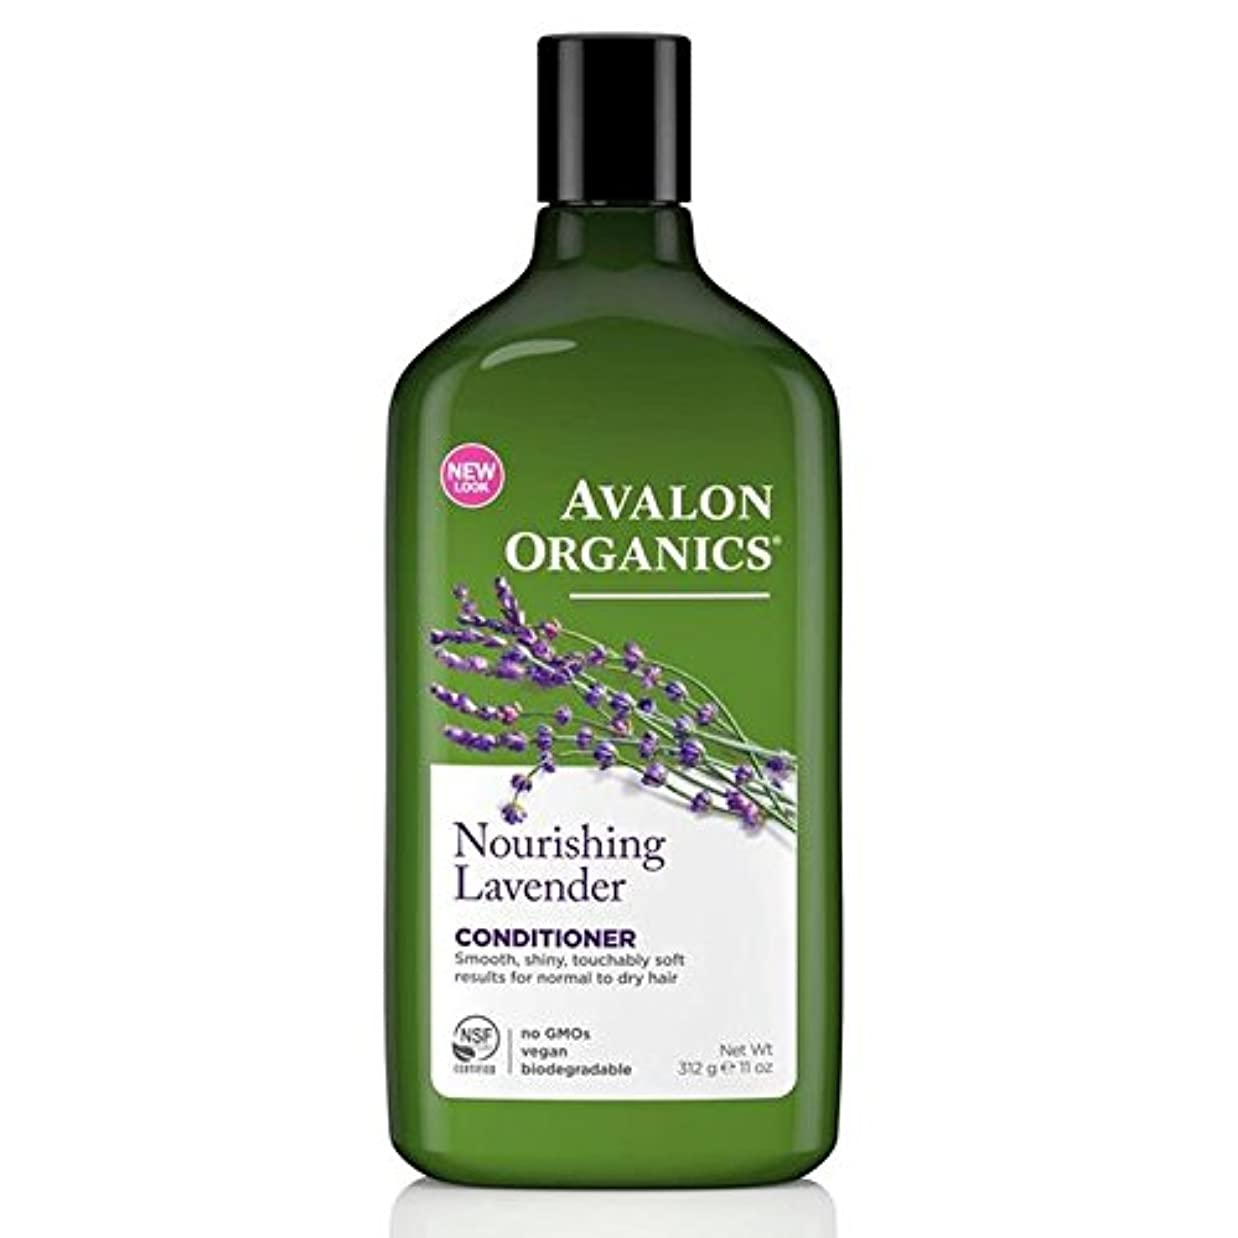 戦争食堂所有権Avalon Organics Lavender Nourishing Conditioner 325ml - (Avalon) ラベンダー栄養コンディショナー325ミリリットル [並行輸入品]